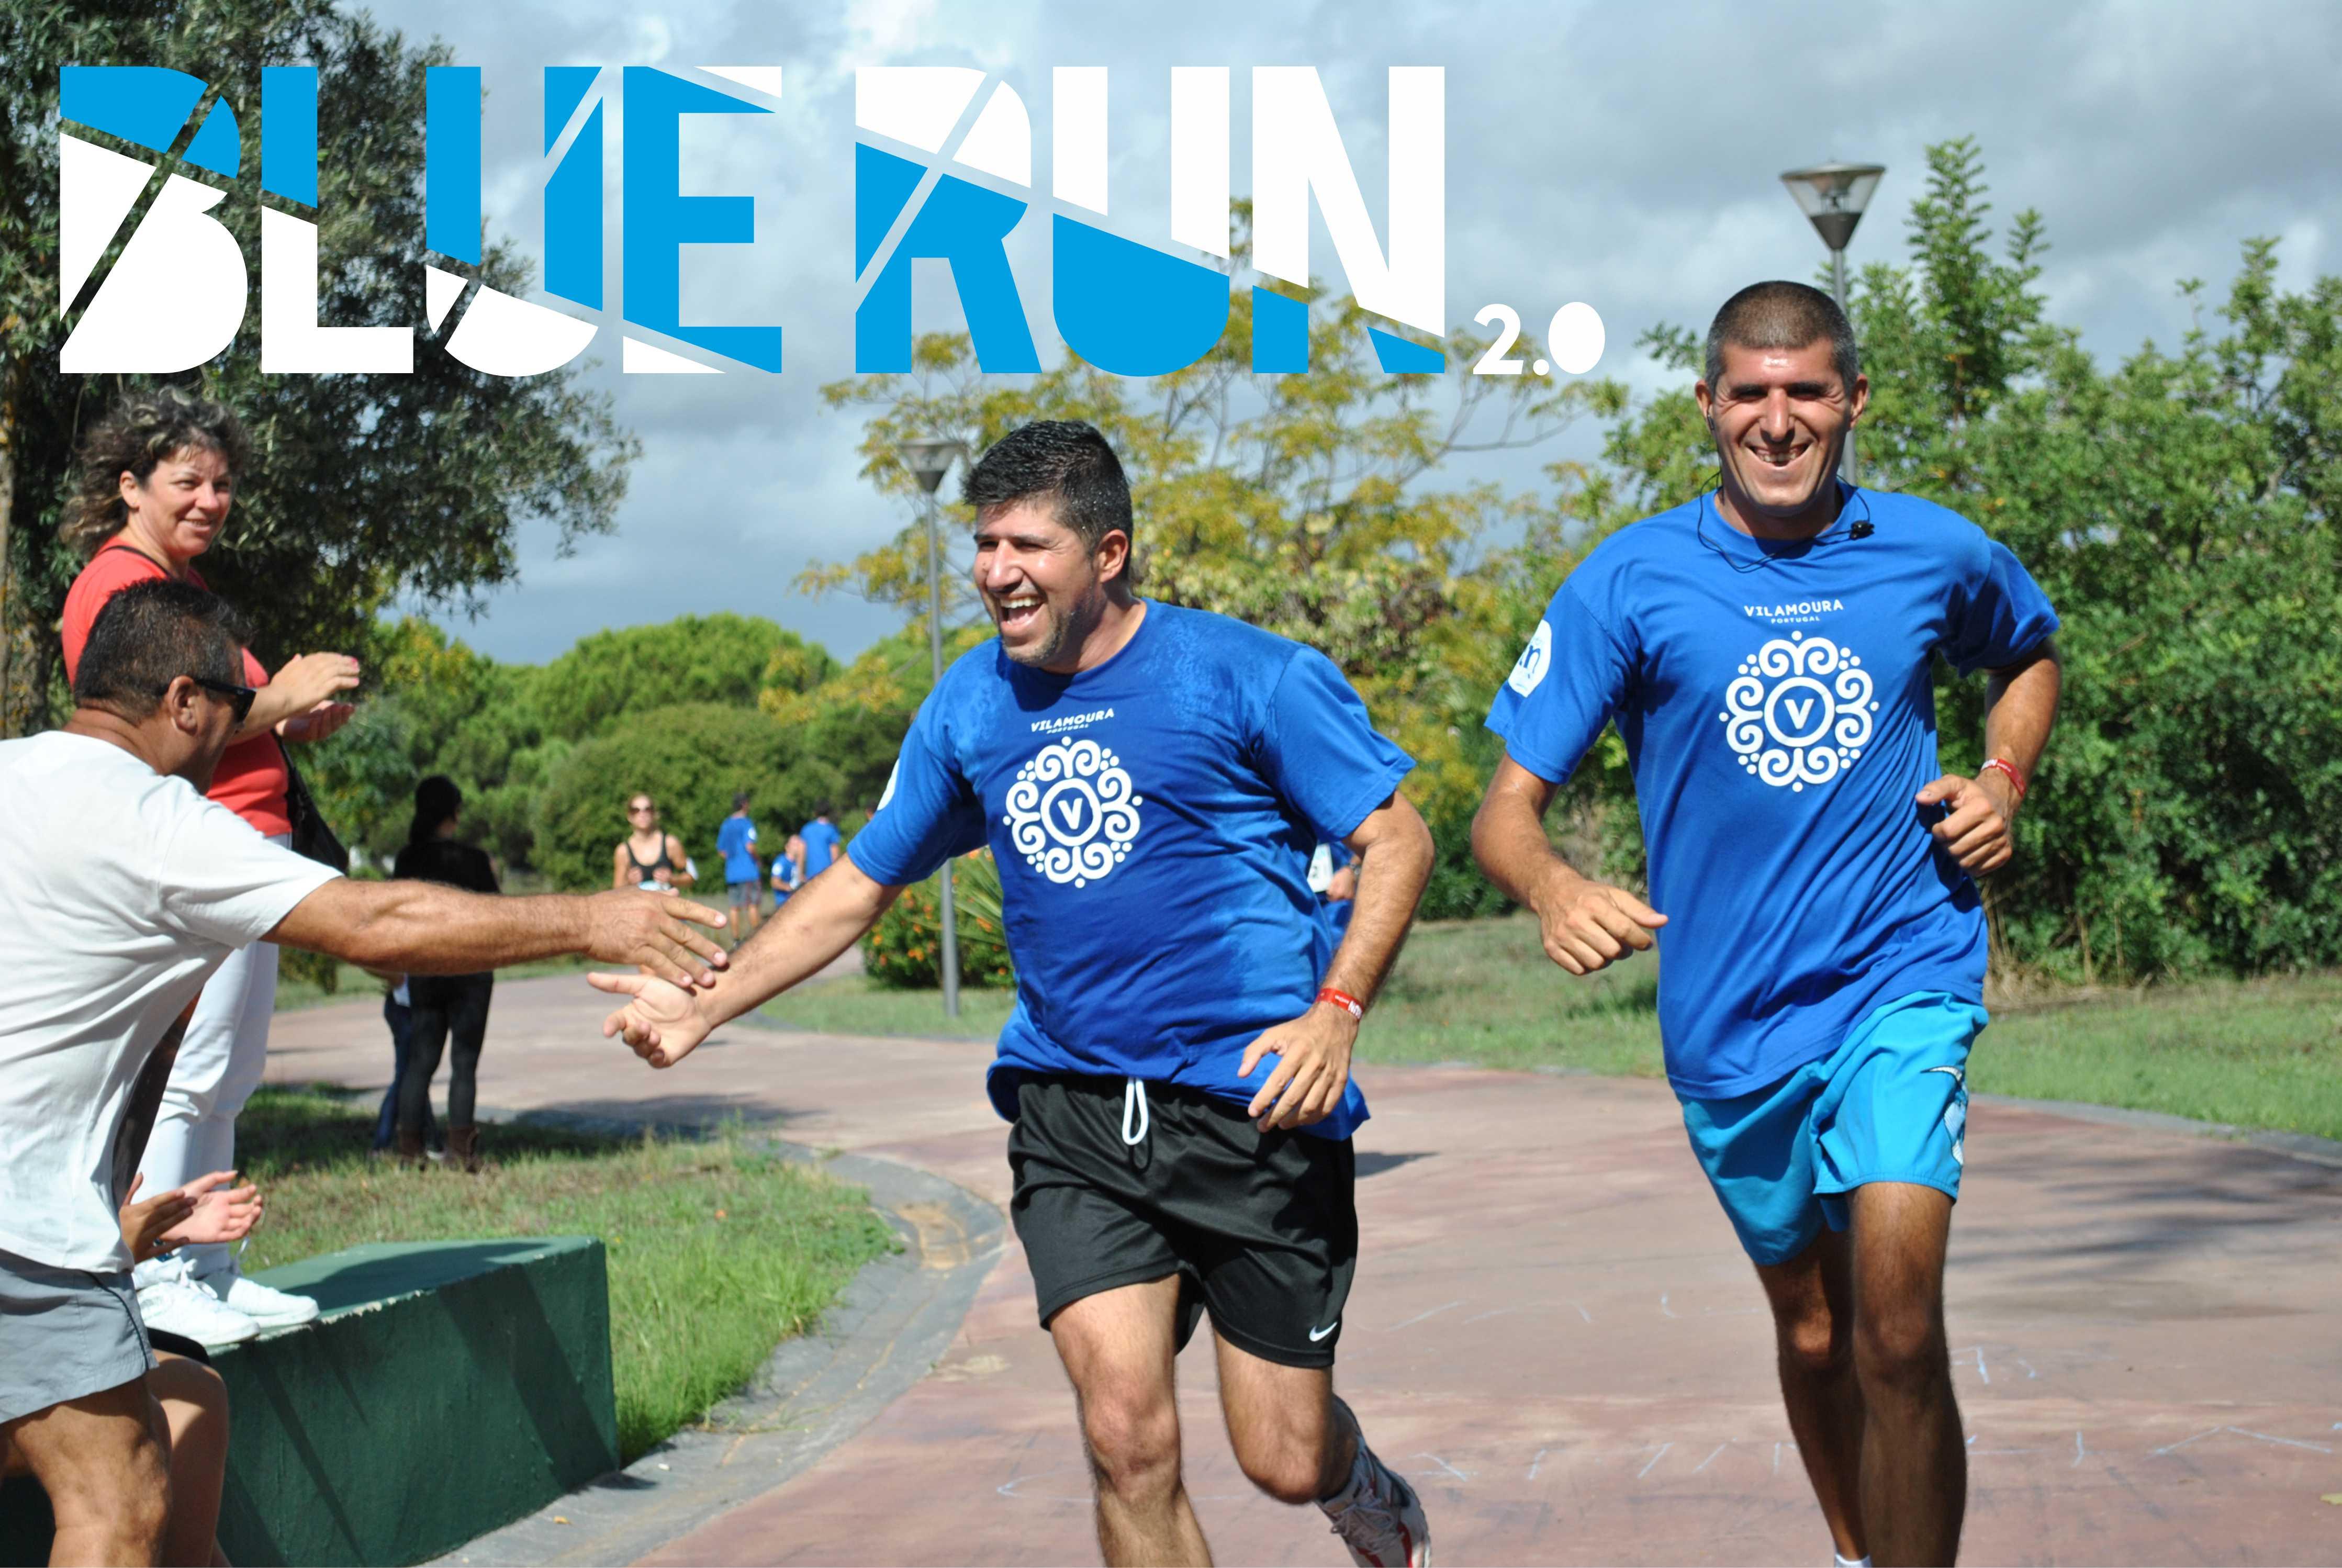 blue run 2.0 um evento social